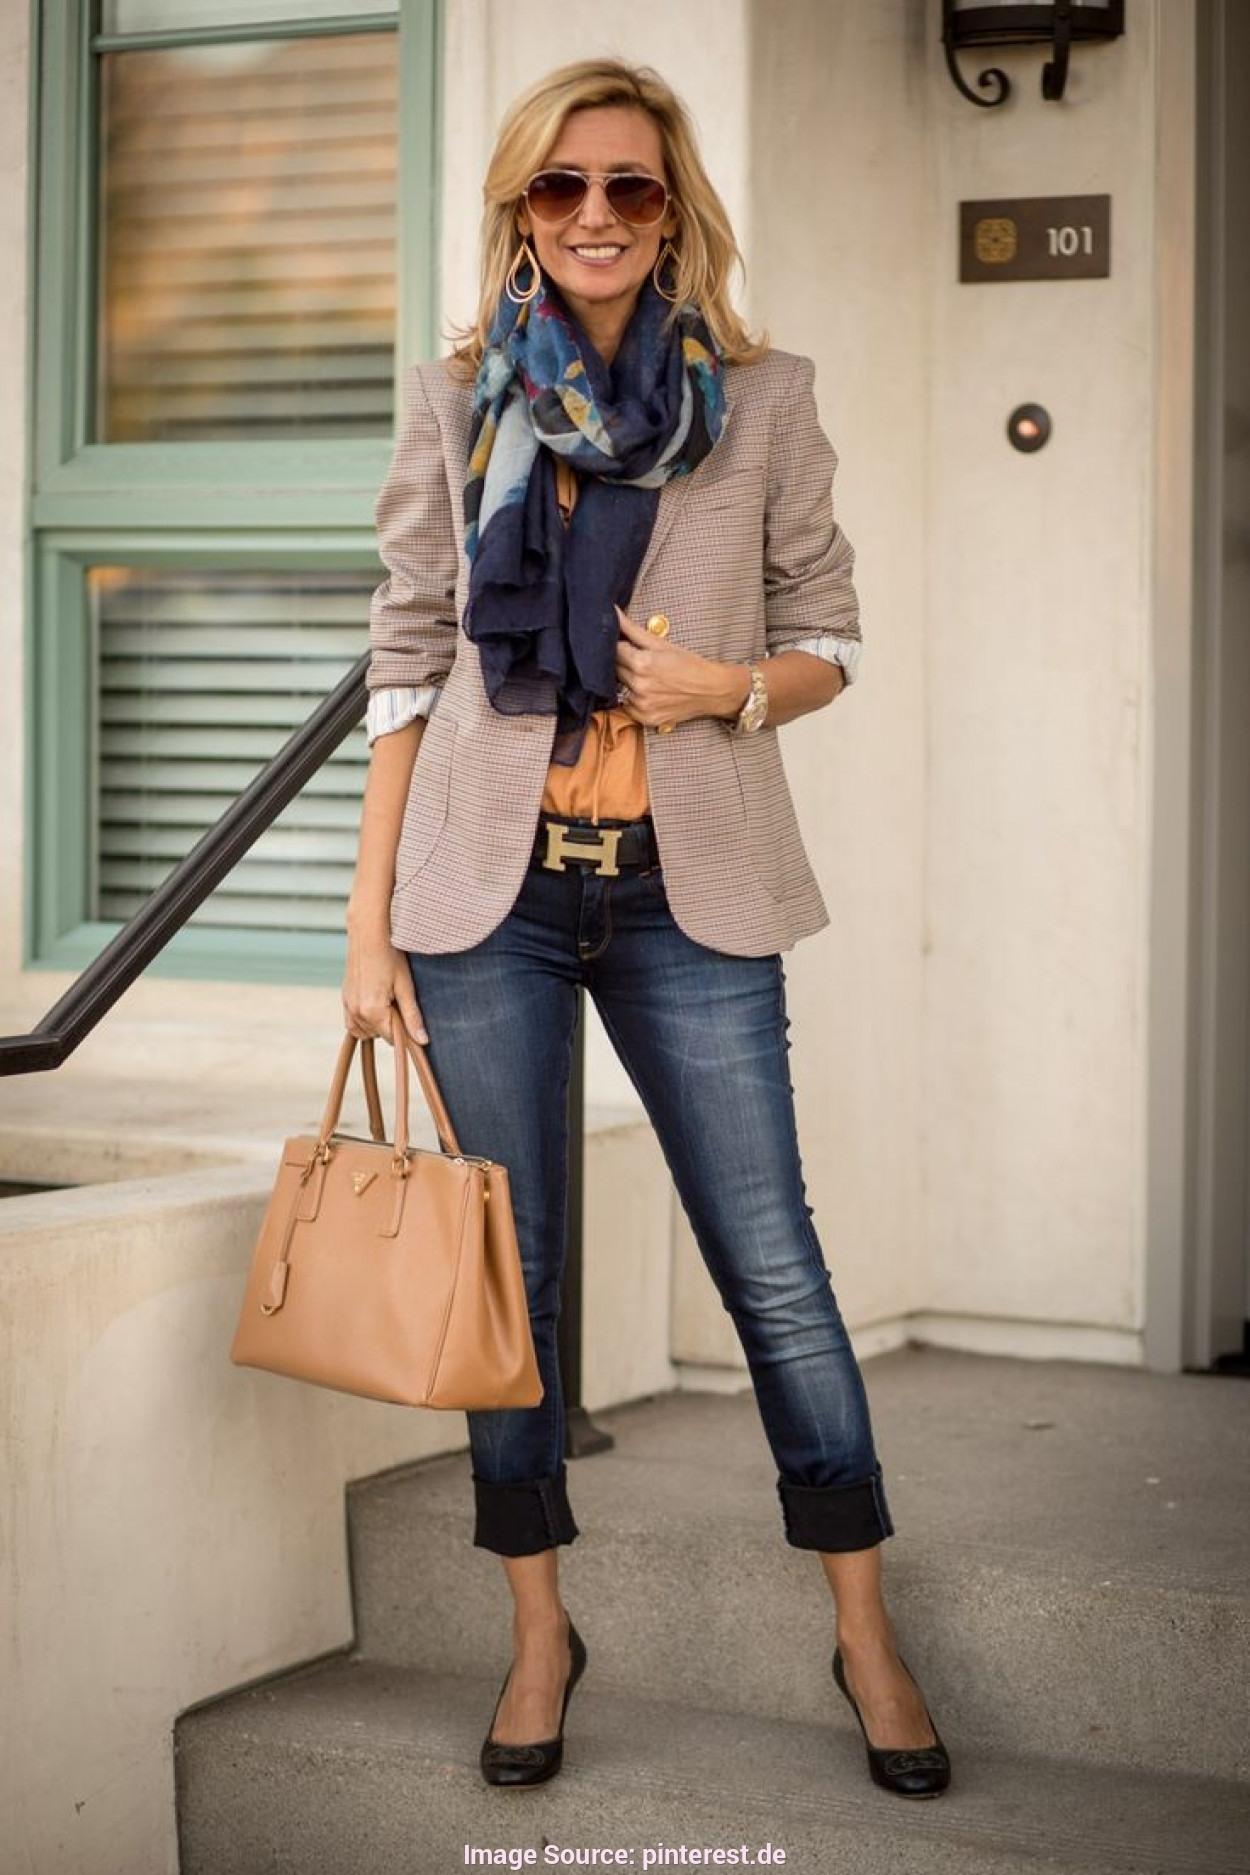 20 Wunderbar Elegante Kleidung Damen Spezialgebiet13 Elegant Elegante Kleidung Damen Spezialgebiet